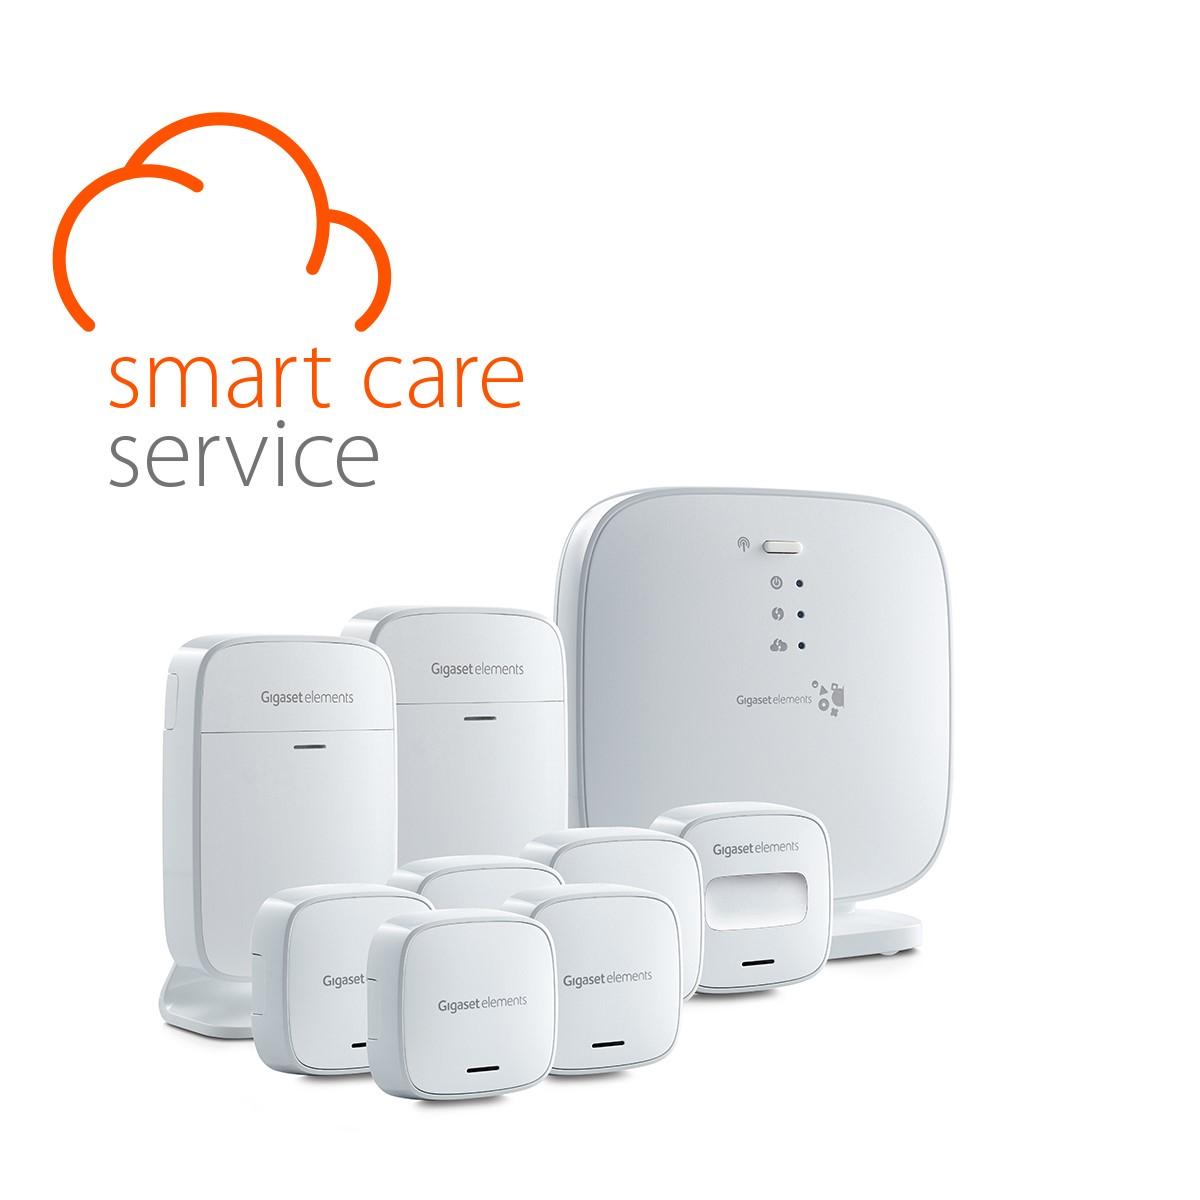 Gigaset smart care